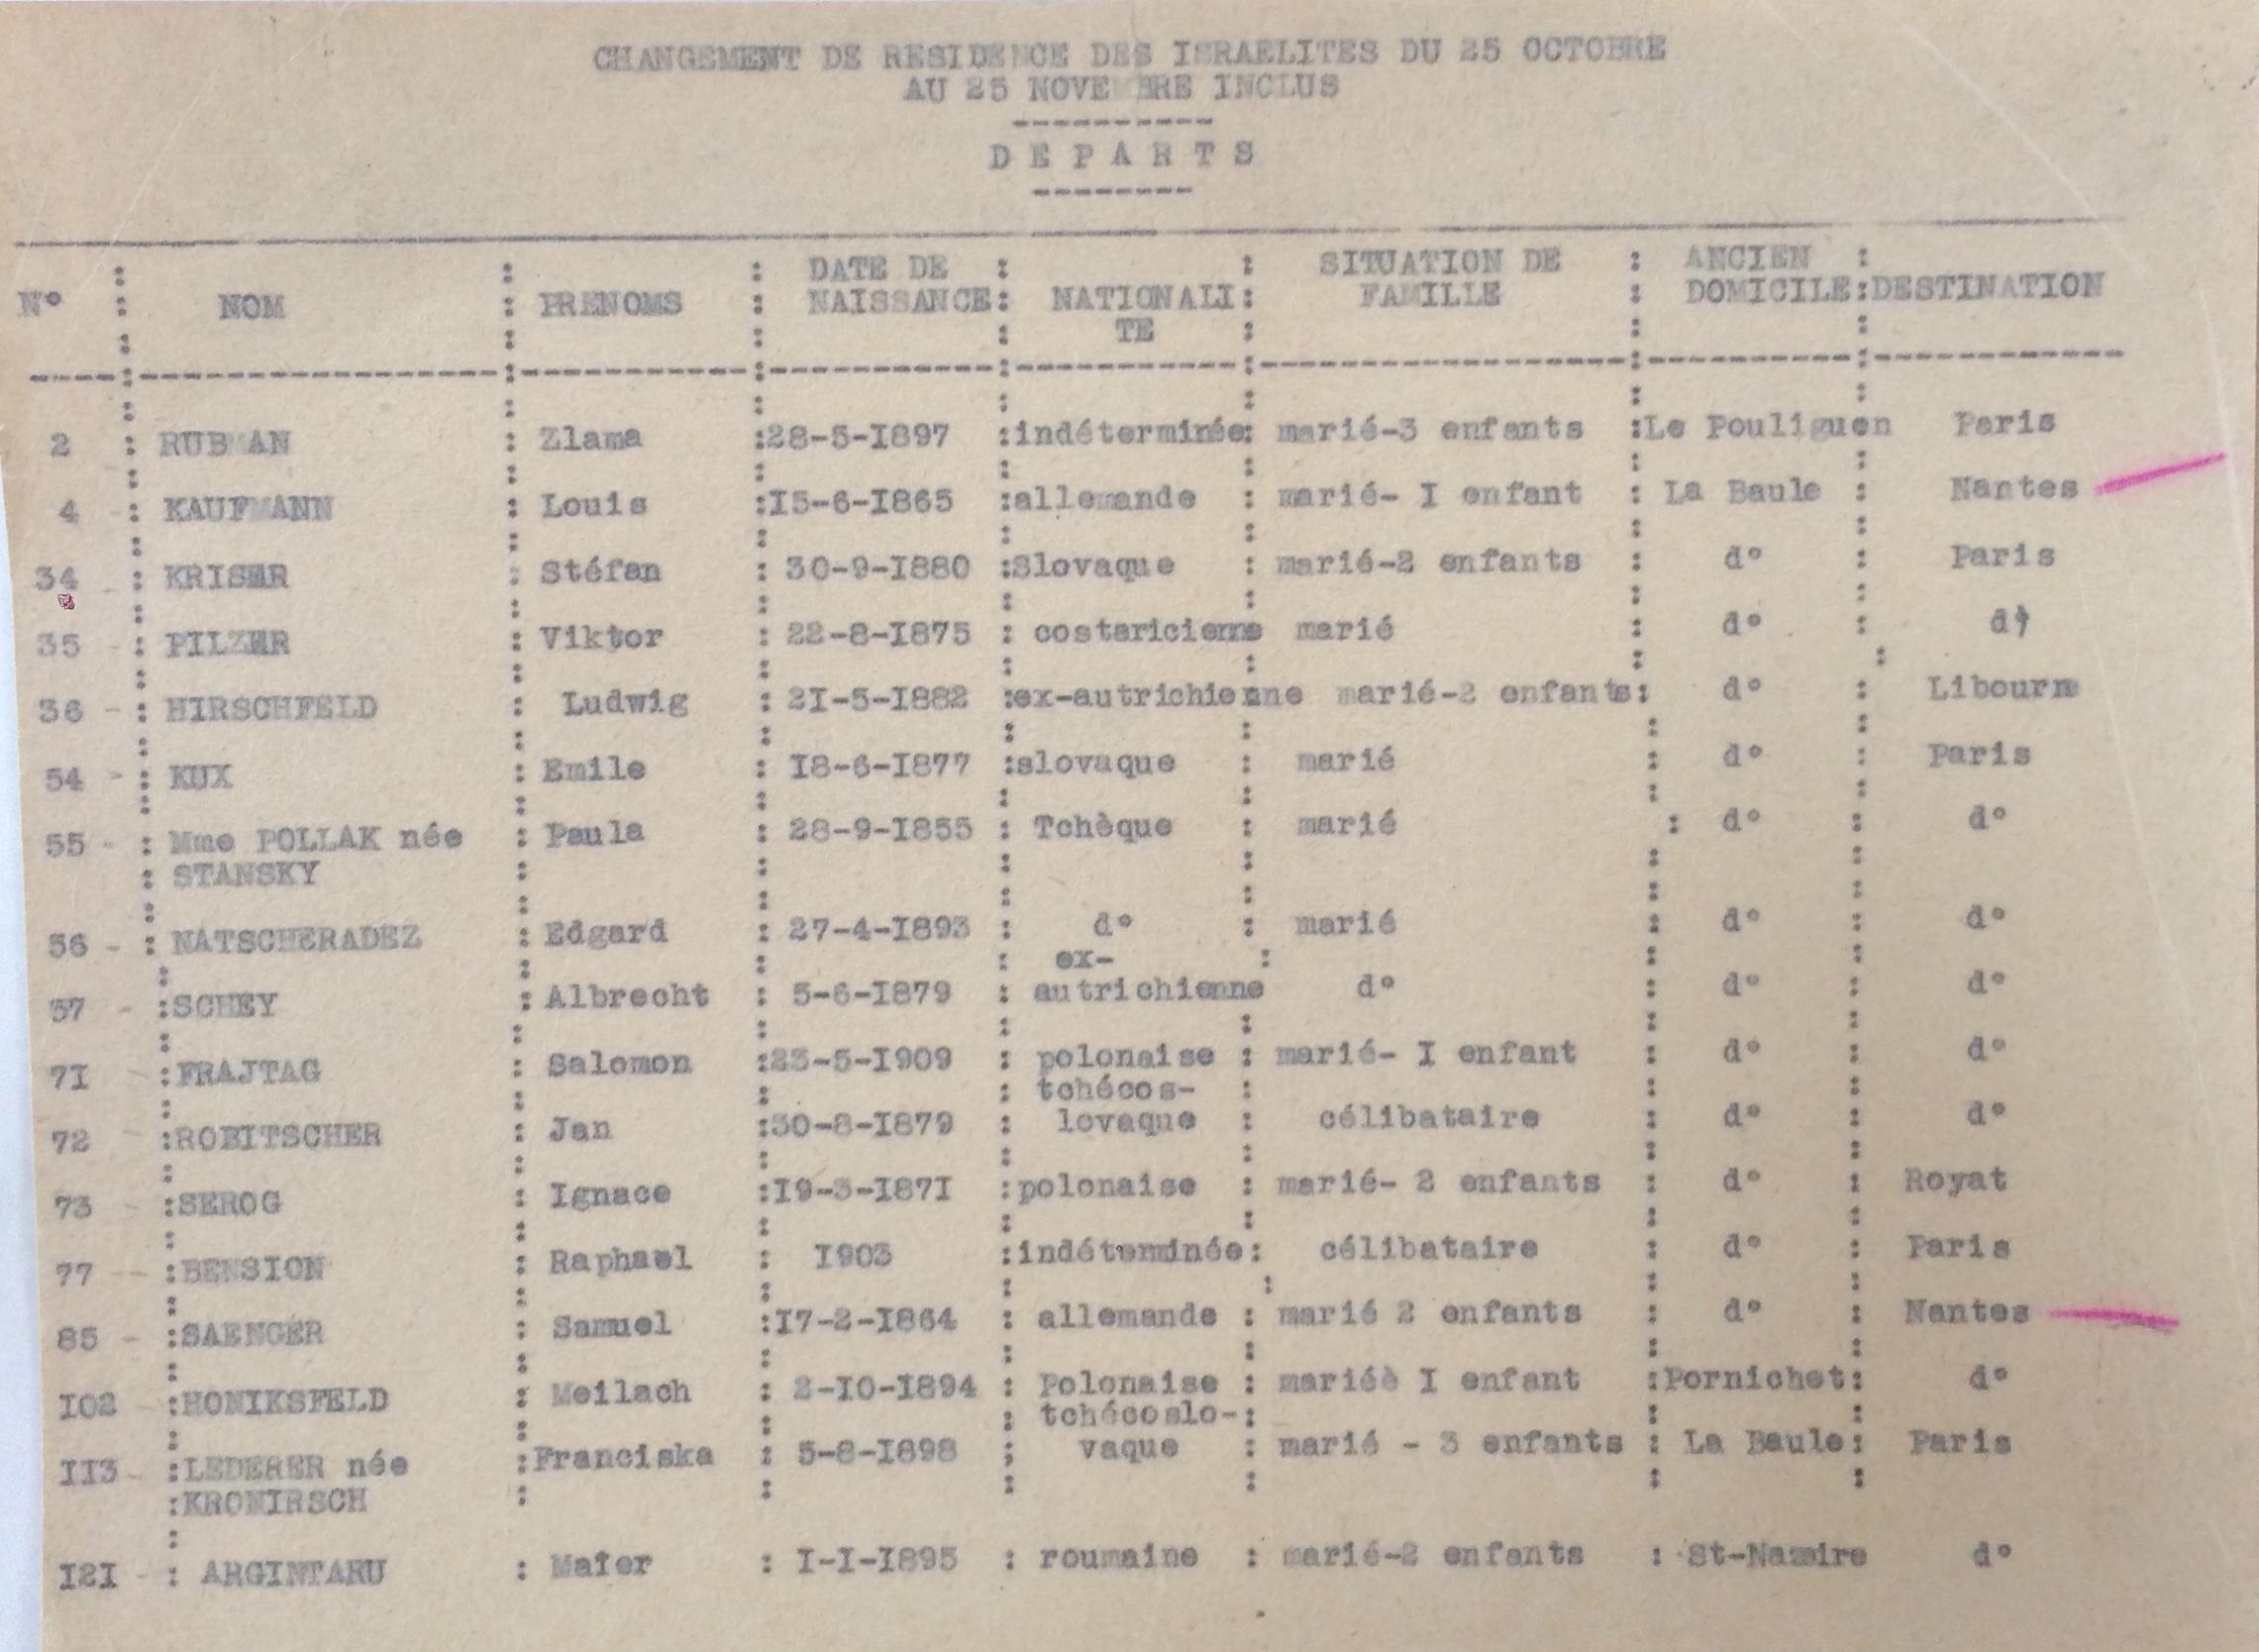 Contrôle de déplacement des Israélites novembre 1940 [ADLA 1694W25]